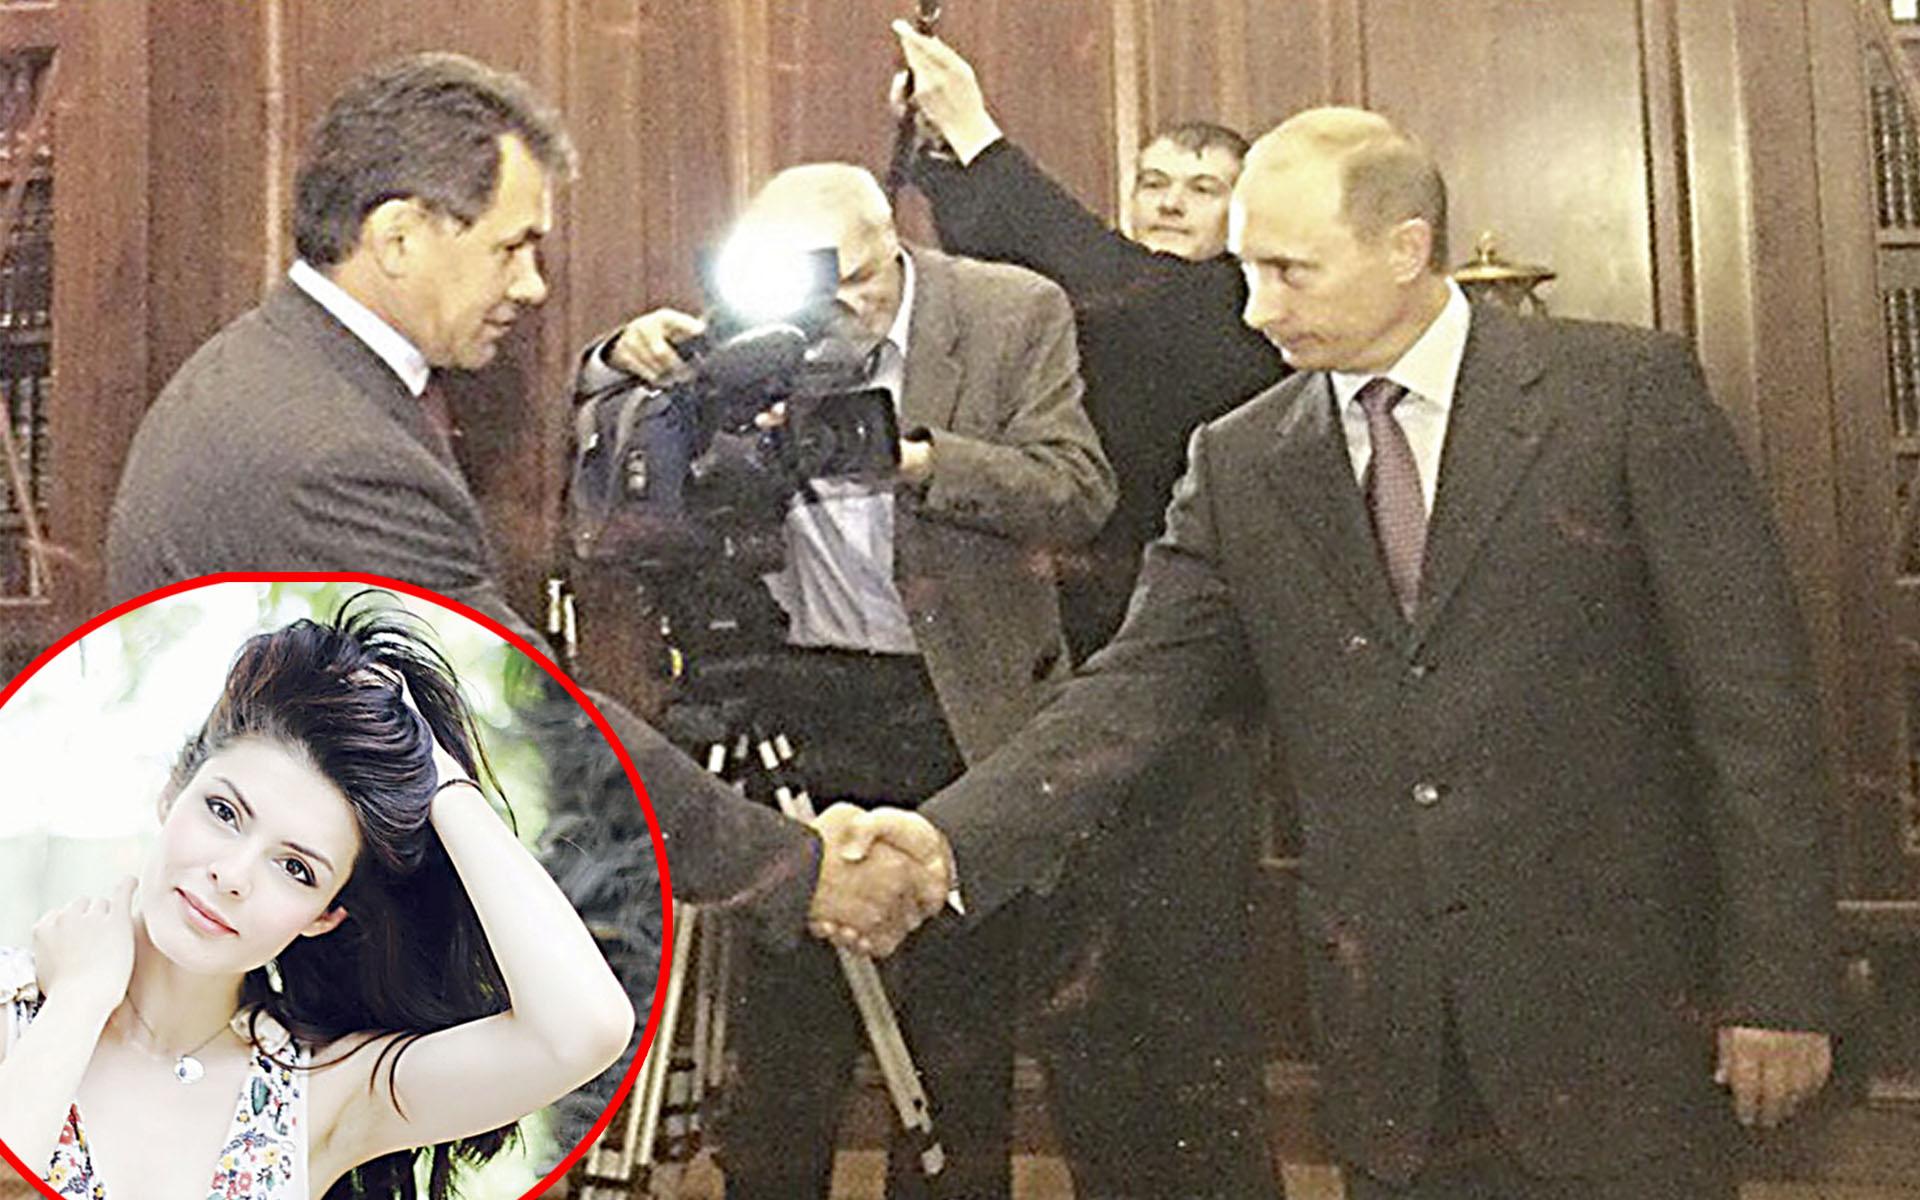 'Moj tata snimao je sam sve ruske predsjednike'